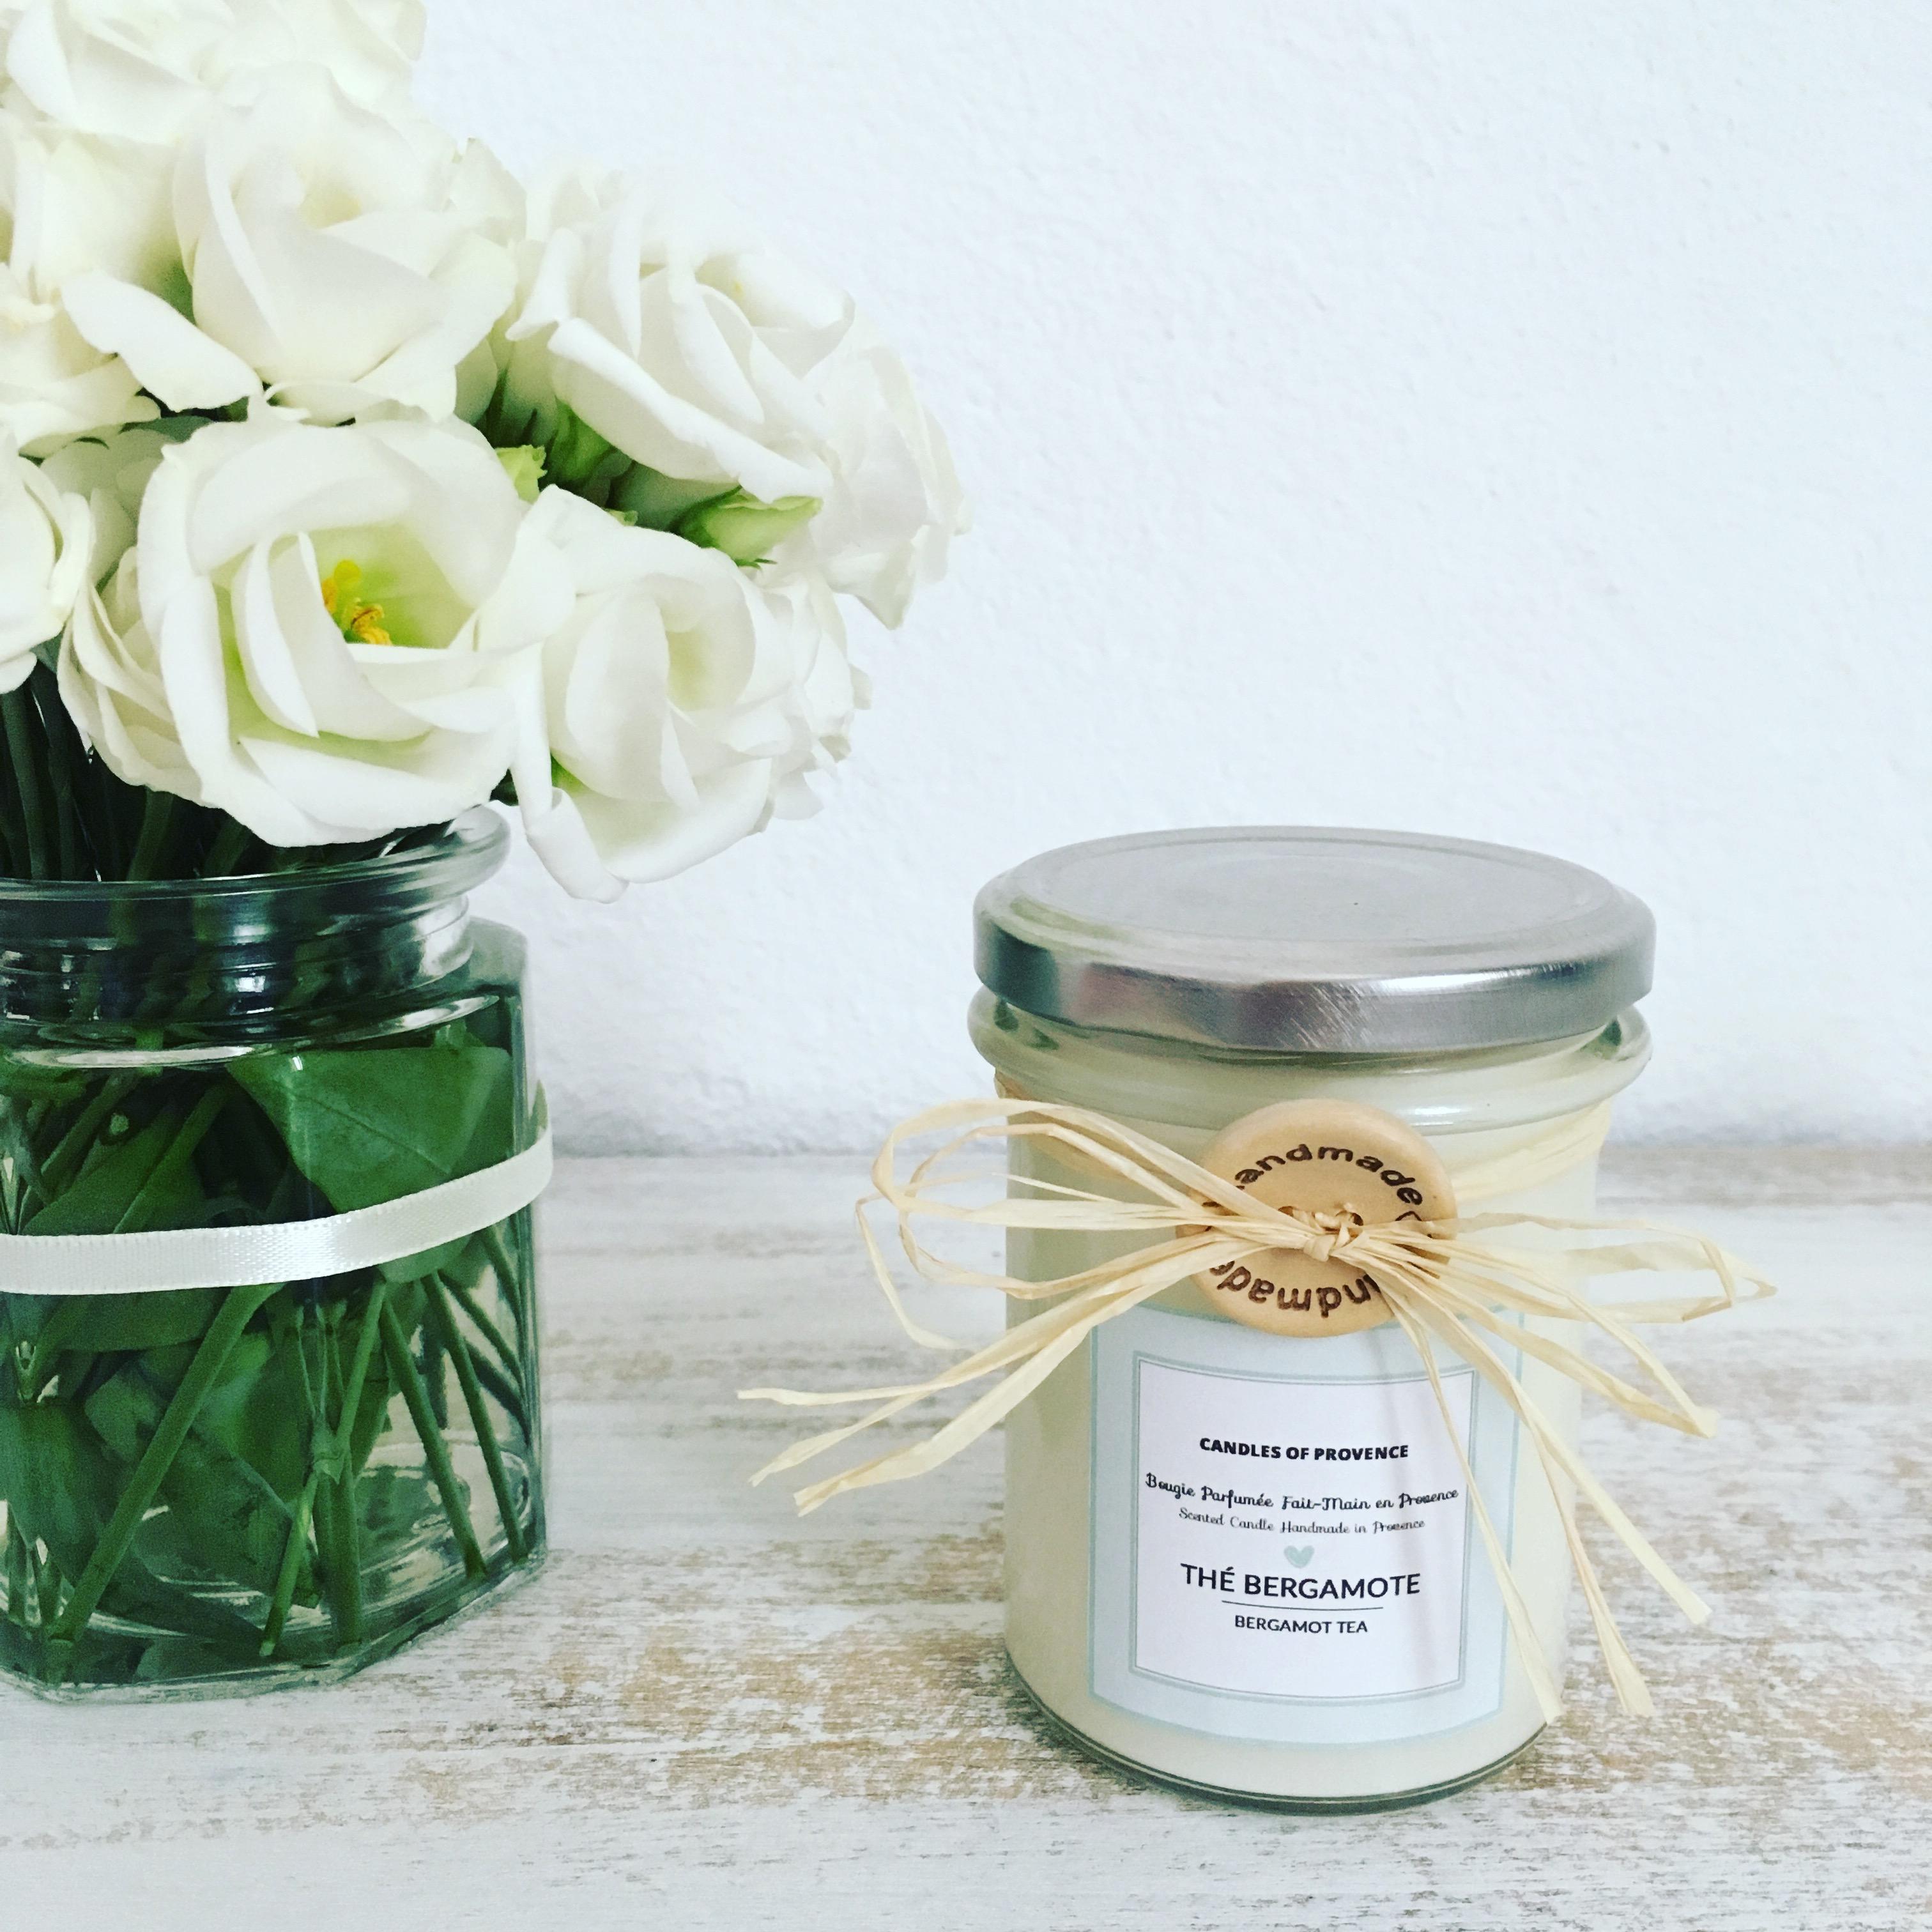 Bergamot Tea Natural Scented Candle In Gl Jar 170g Bougies Parfumées De Provence Fondants En Cire Pour Brûle Parfum